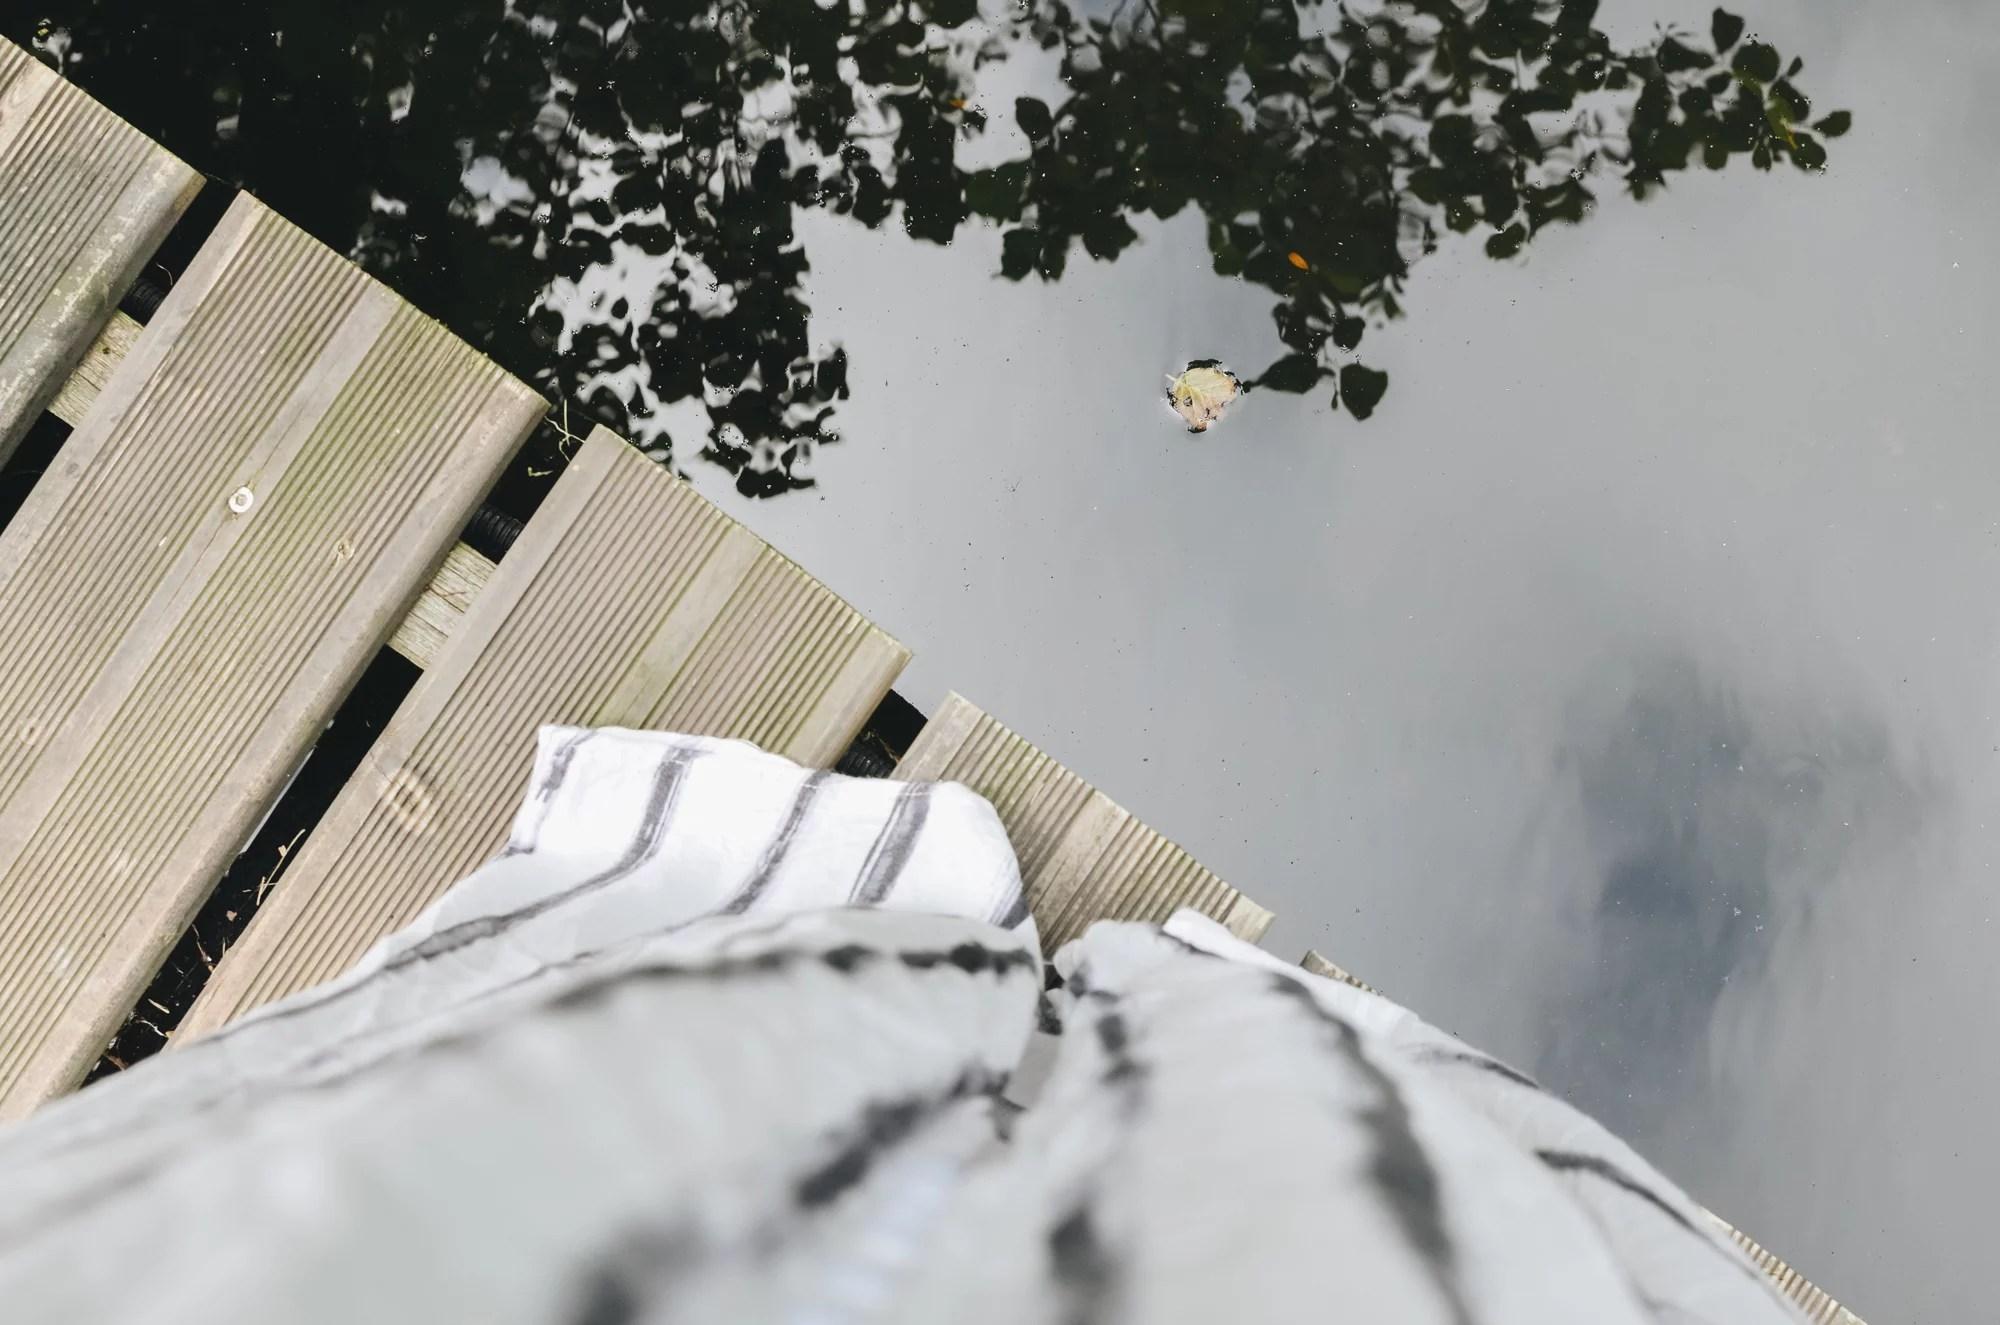 CAMILLE lebruitdeleau ©marmille 6 - Une bulle d'oxygène dans l'astrolabe de Tibo - Le Bruit de l'Eau en Baie de Somme